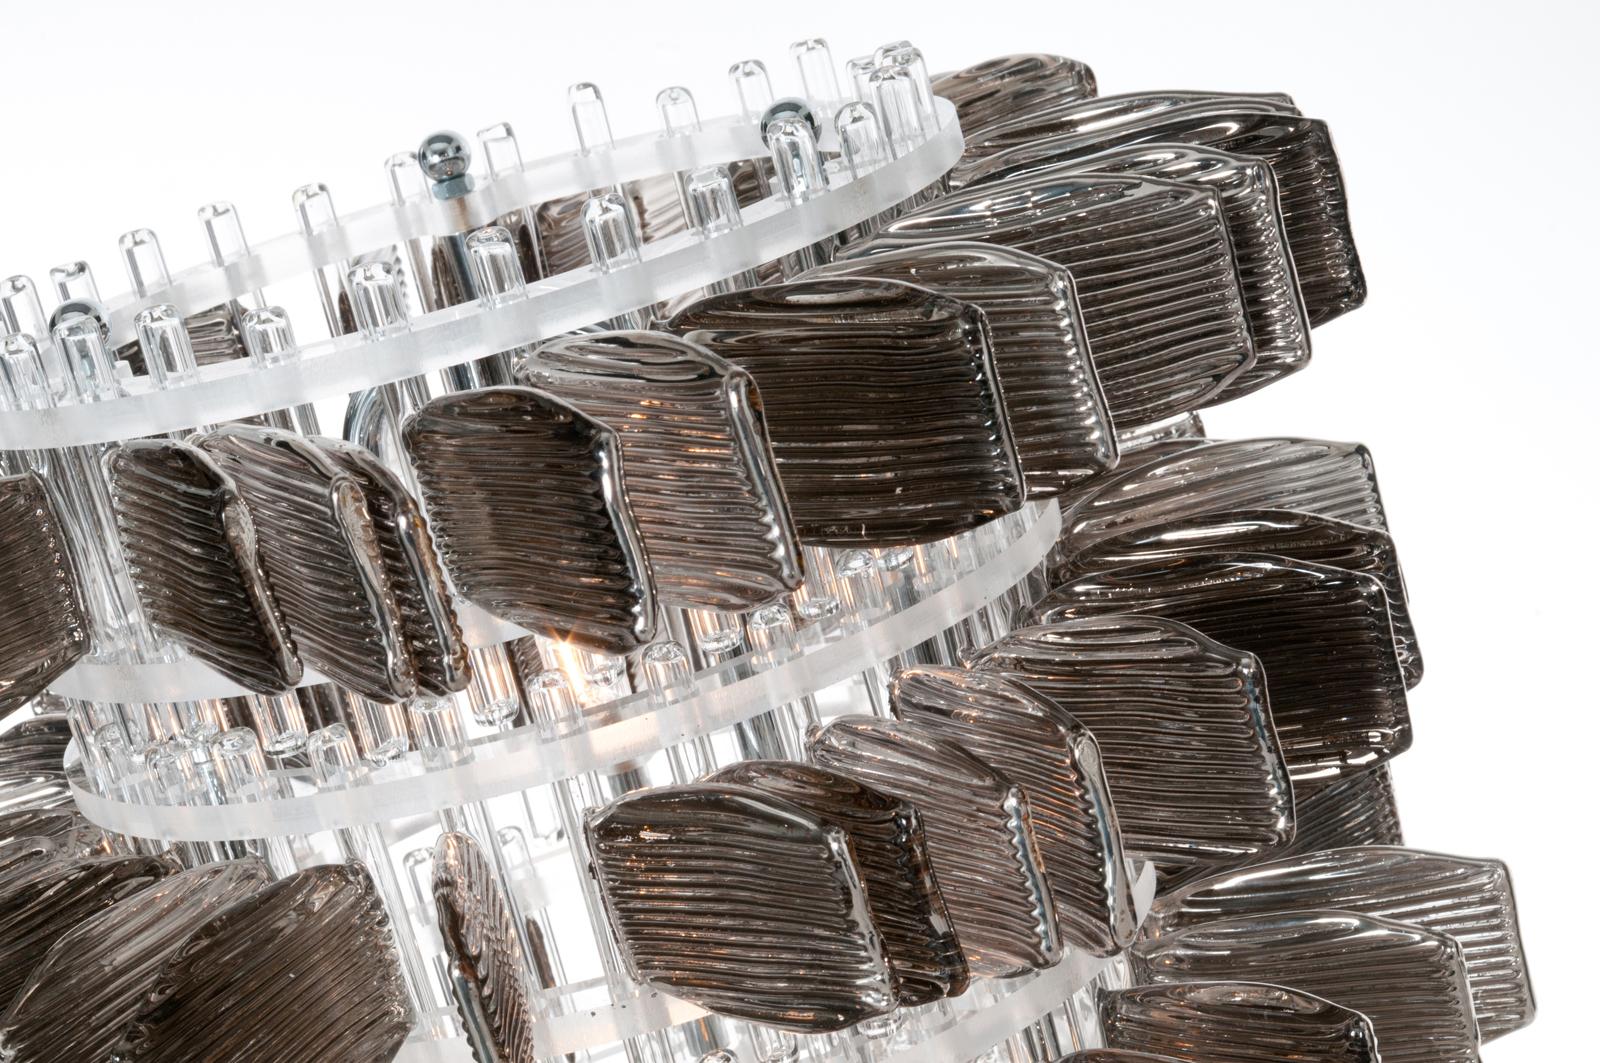 anemone-56-table-chrome-platine-platinium-veronese-maurizio-galante-tal-lancman-61.jpg